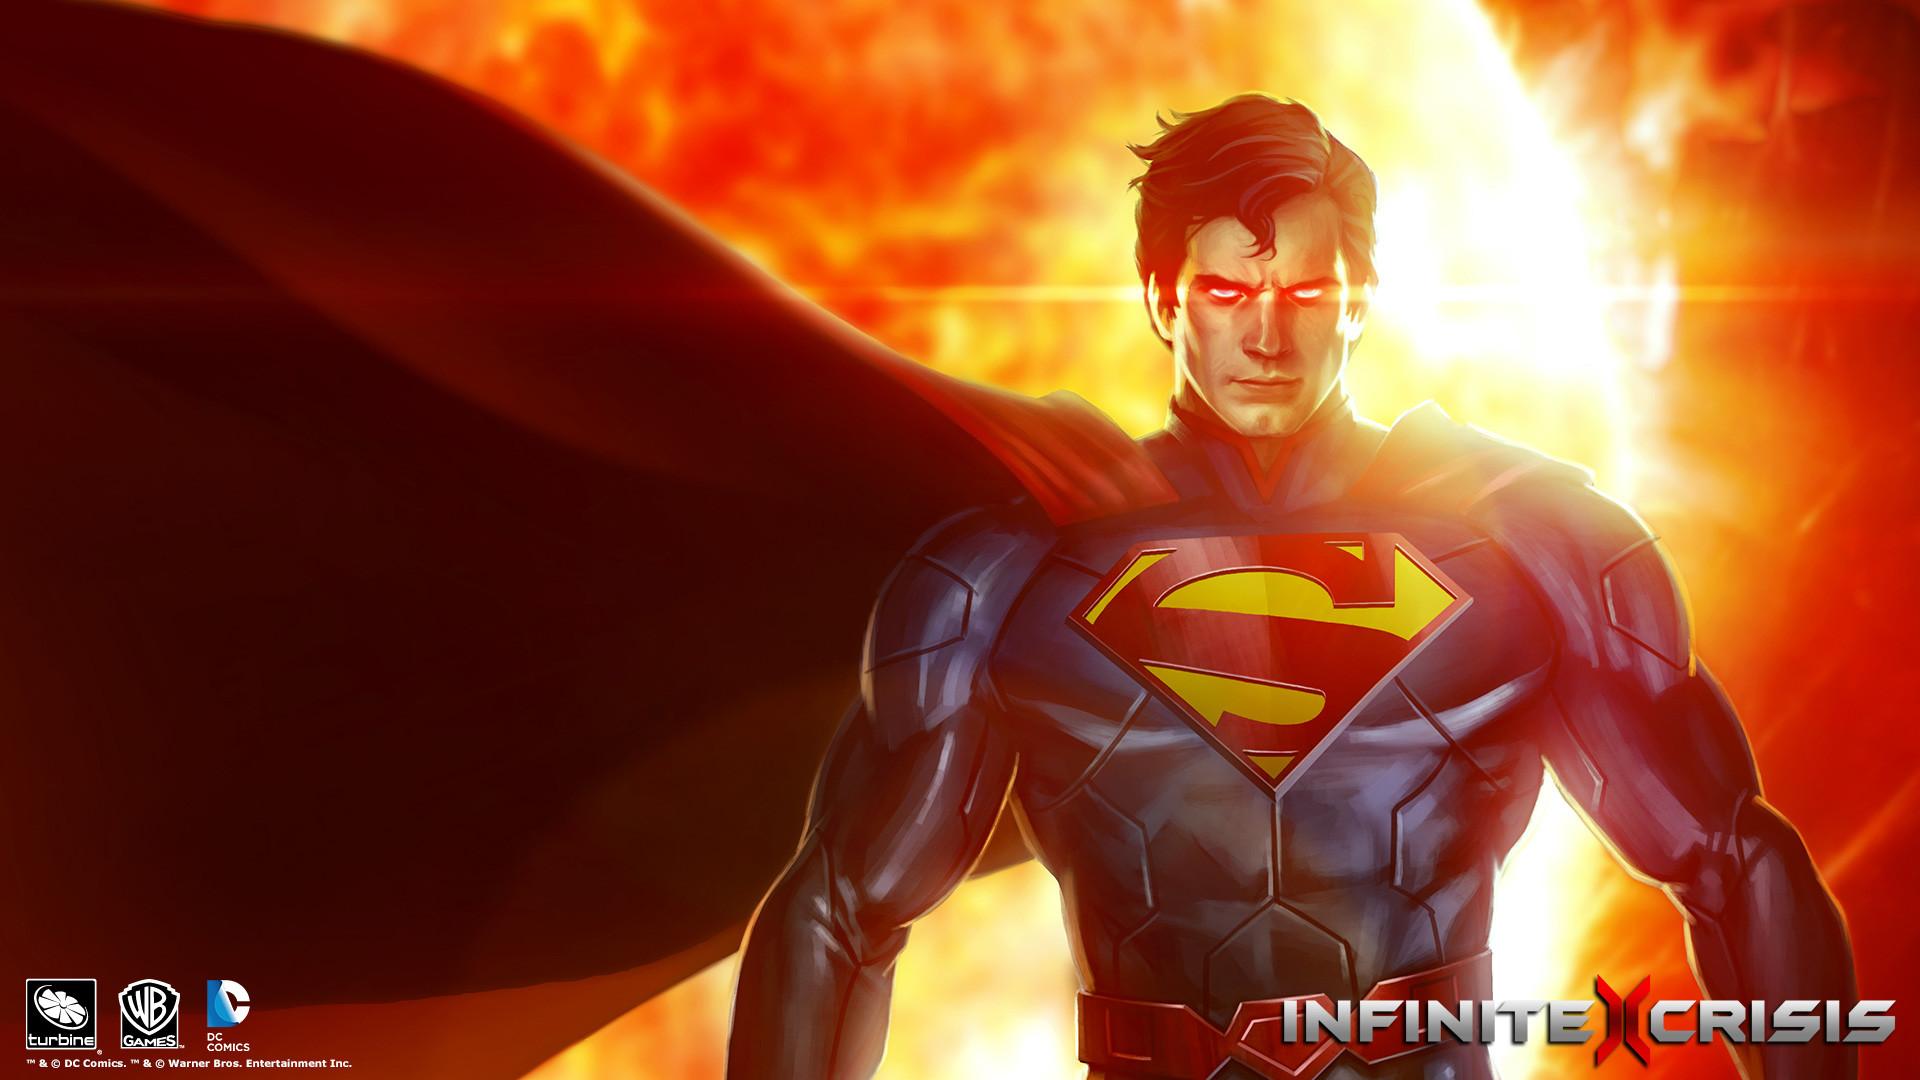 The 25+ best Superman hd wallpaper ideas on Pinterest   Superman logo,  Superman logo wallpaper and Superman logo art